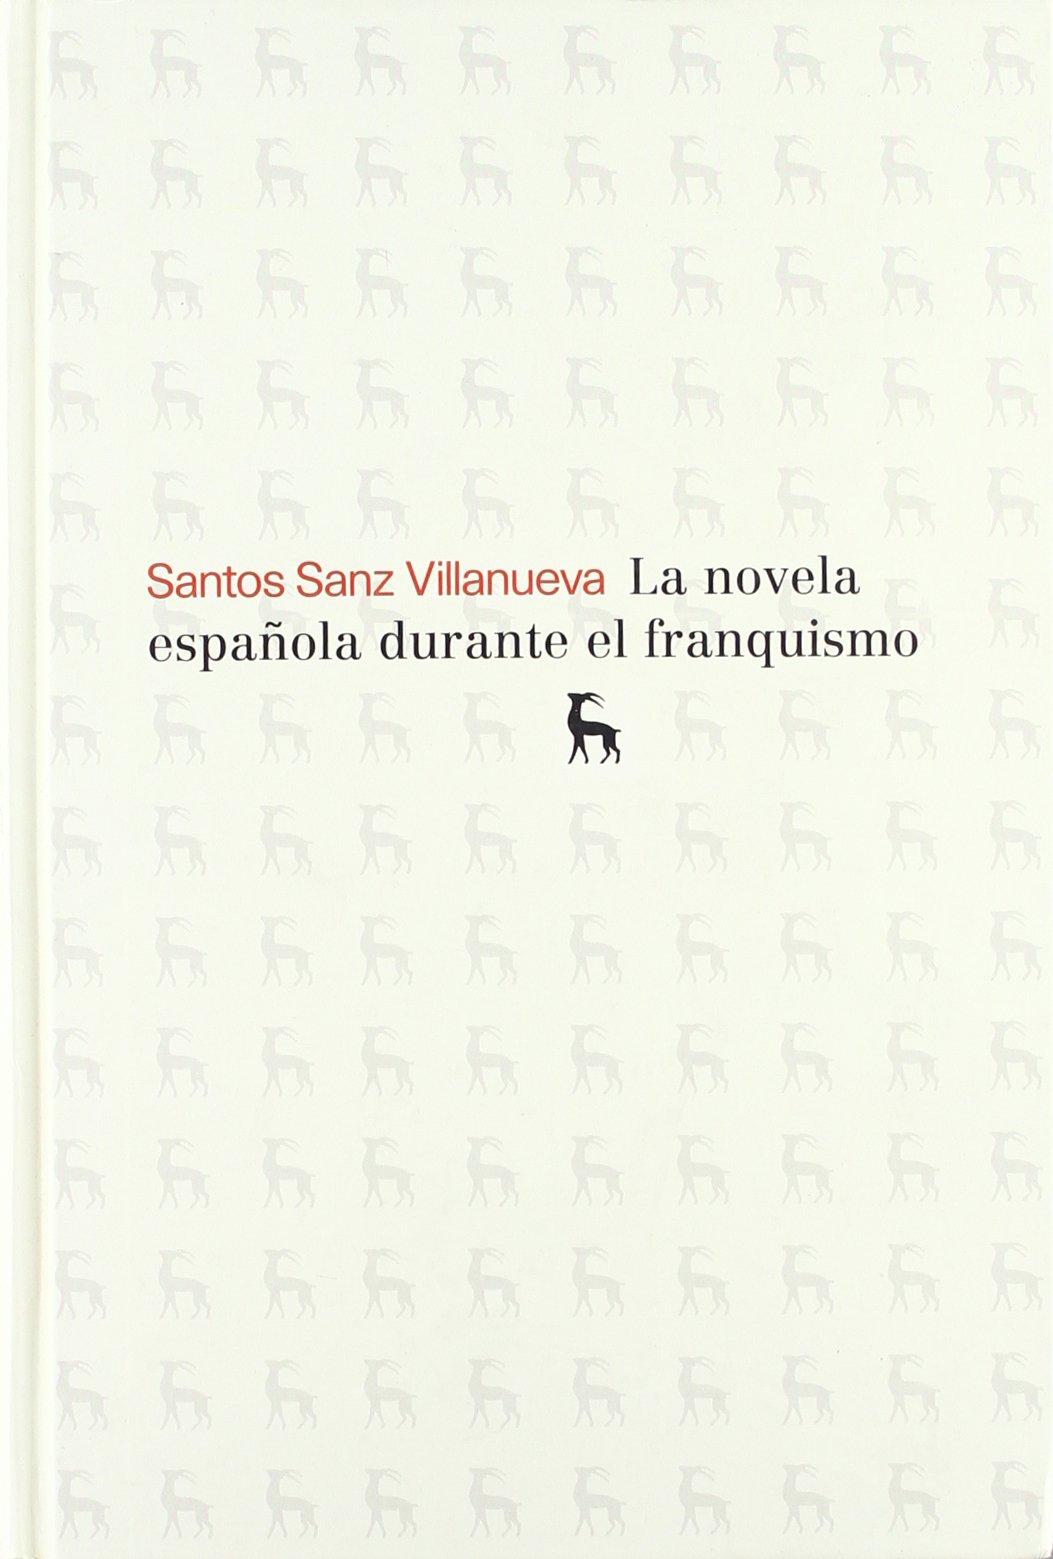 La novela española durante el franquismo: 016 VARIOS GREDOS: Amazon.es: Sanz Villanueva, Santos: Libros